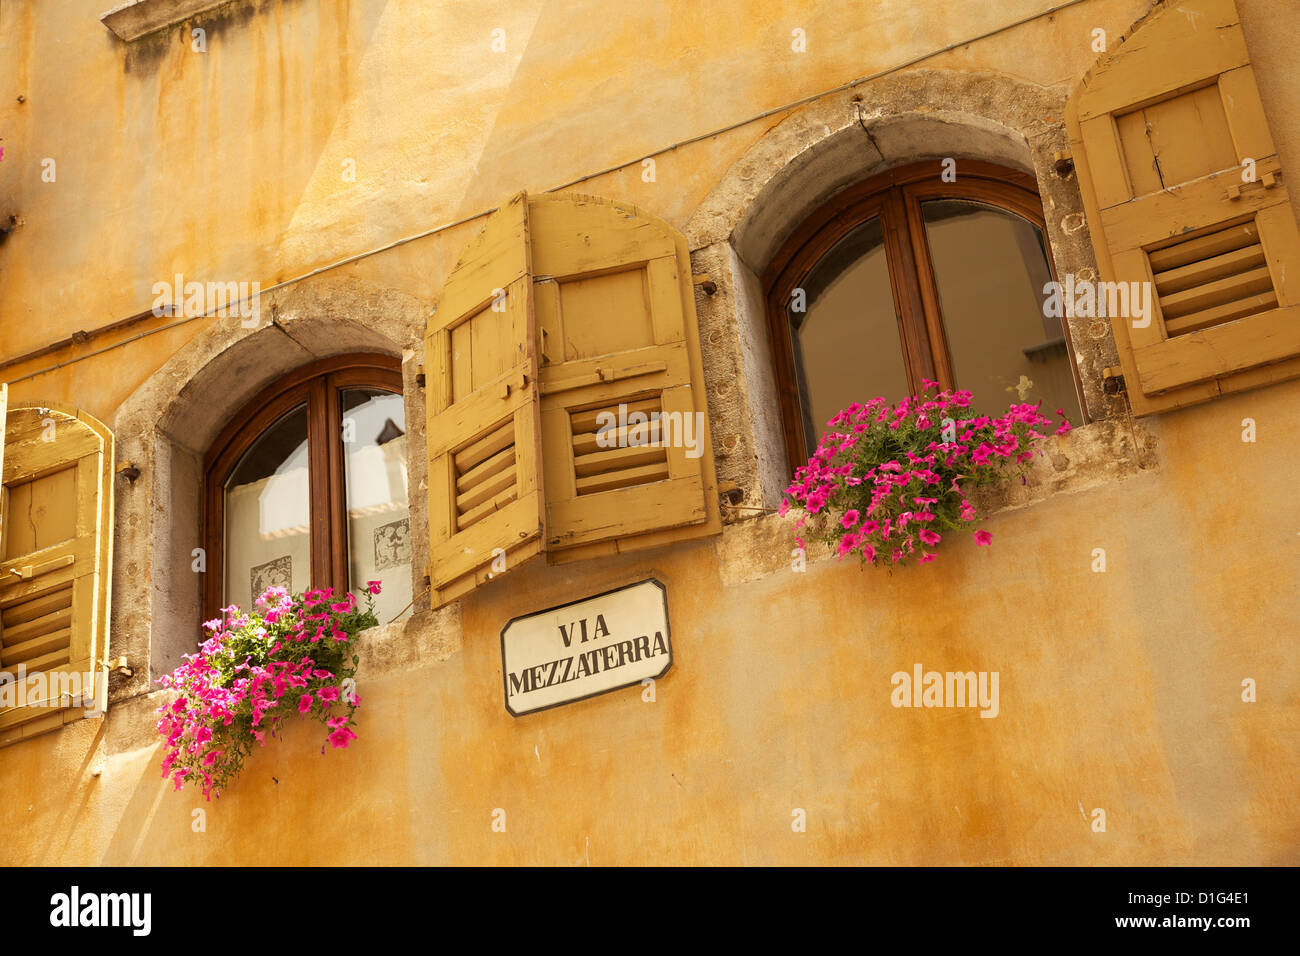 Finestre con persiane e Fiori, Piazza Mercato, Belluno, provincia di Belluno, Veneto, Italia, Europa Immagini Stock